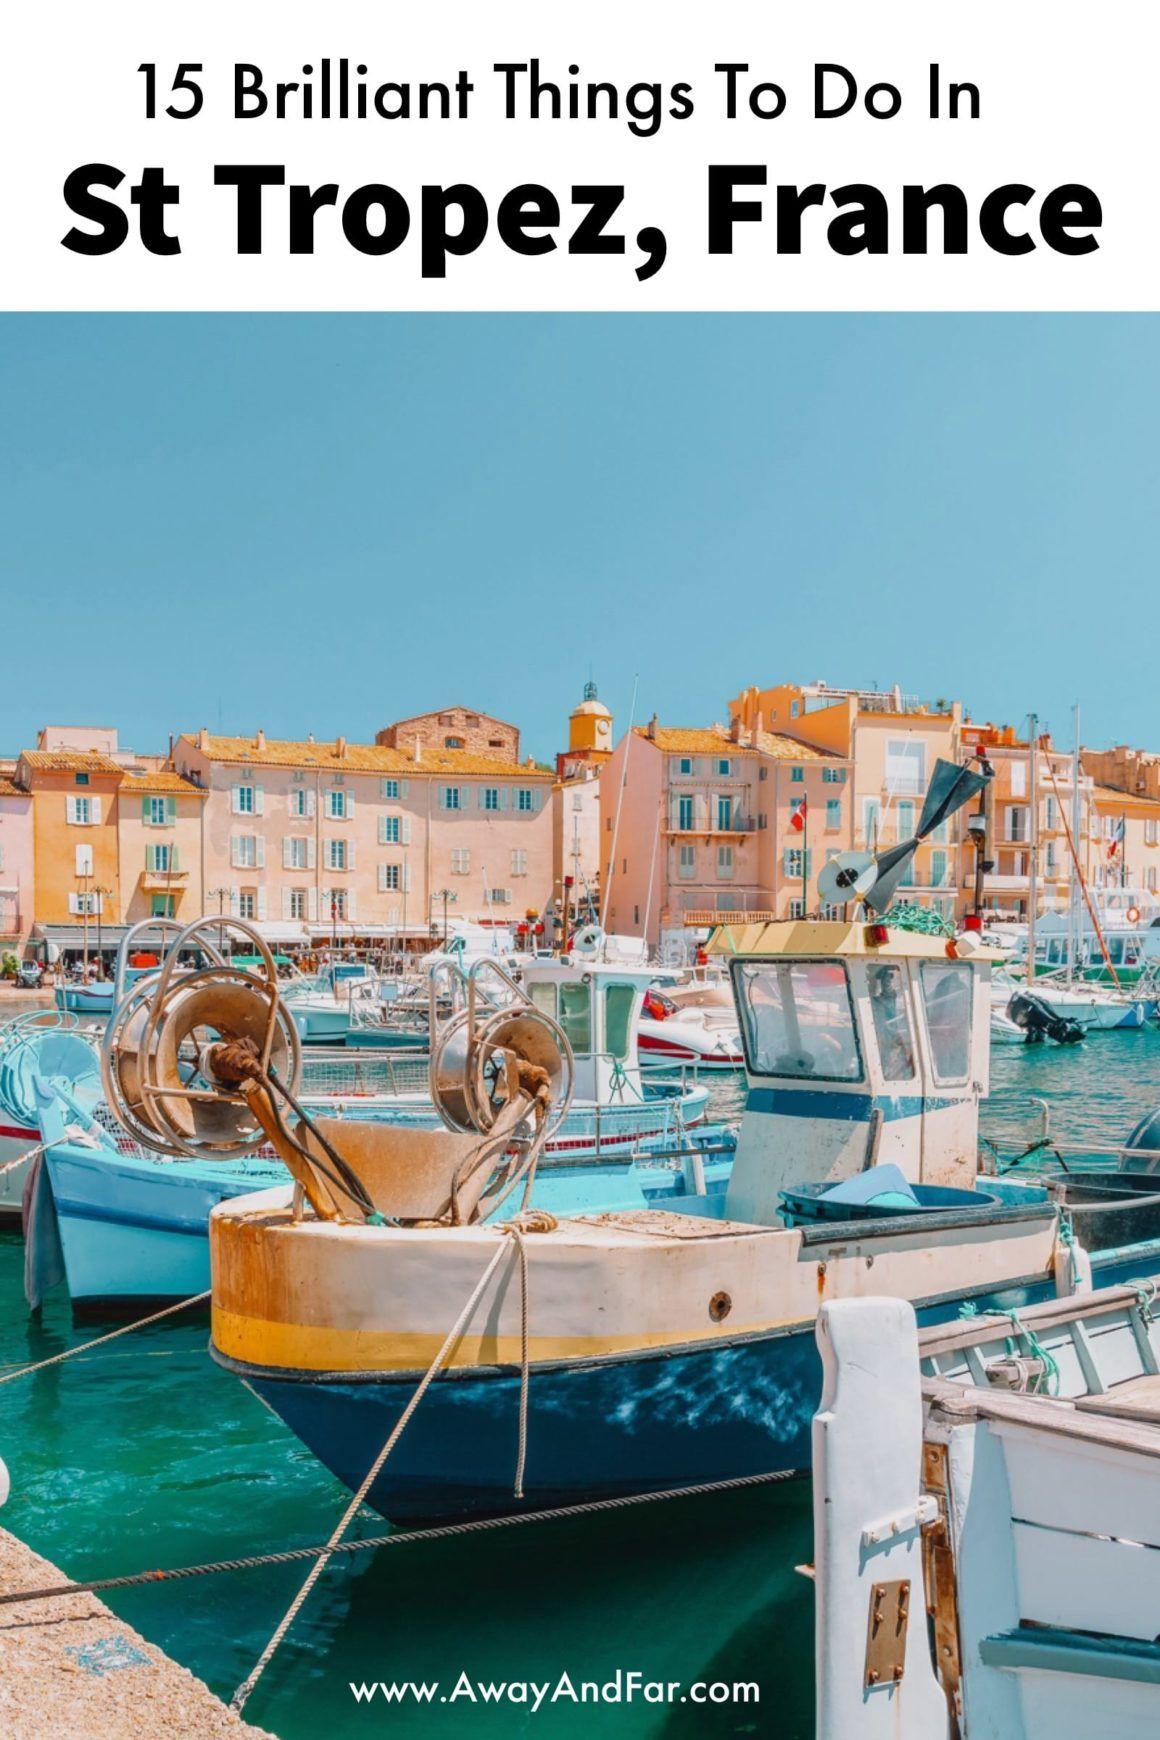 1eb66037c929bb873aaea8e321a07b19 - How Do I Get From Nice To St Tropez